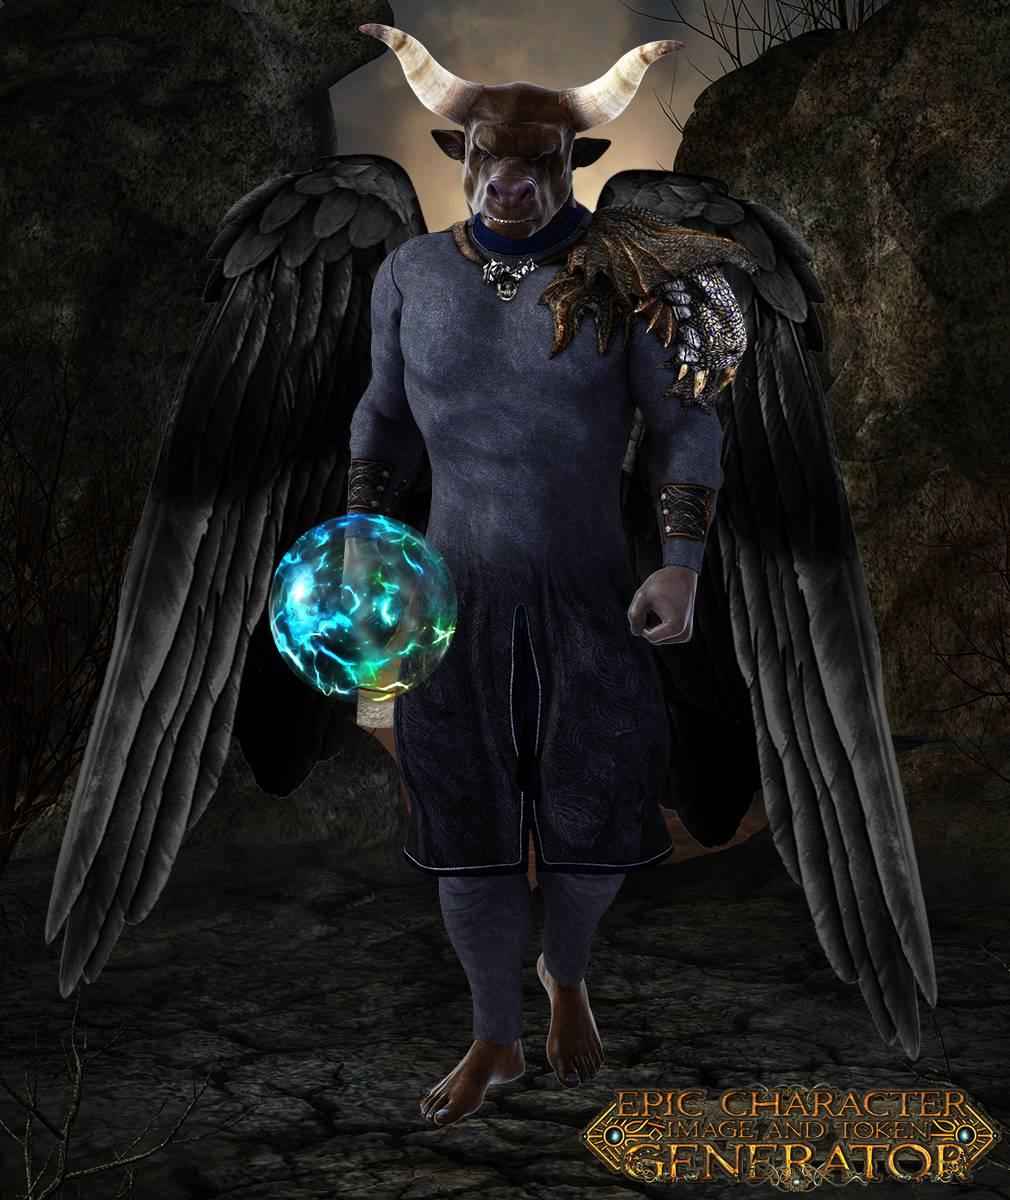 ePic Character Generator Season 2 Muscular Supernatural Screenshot 08